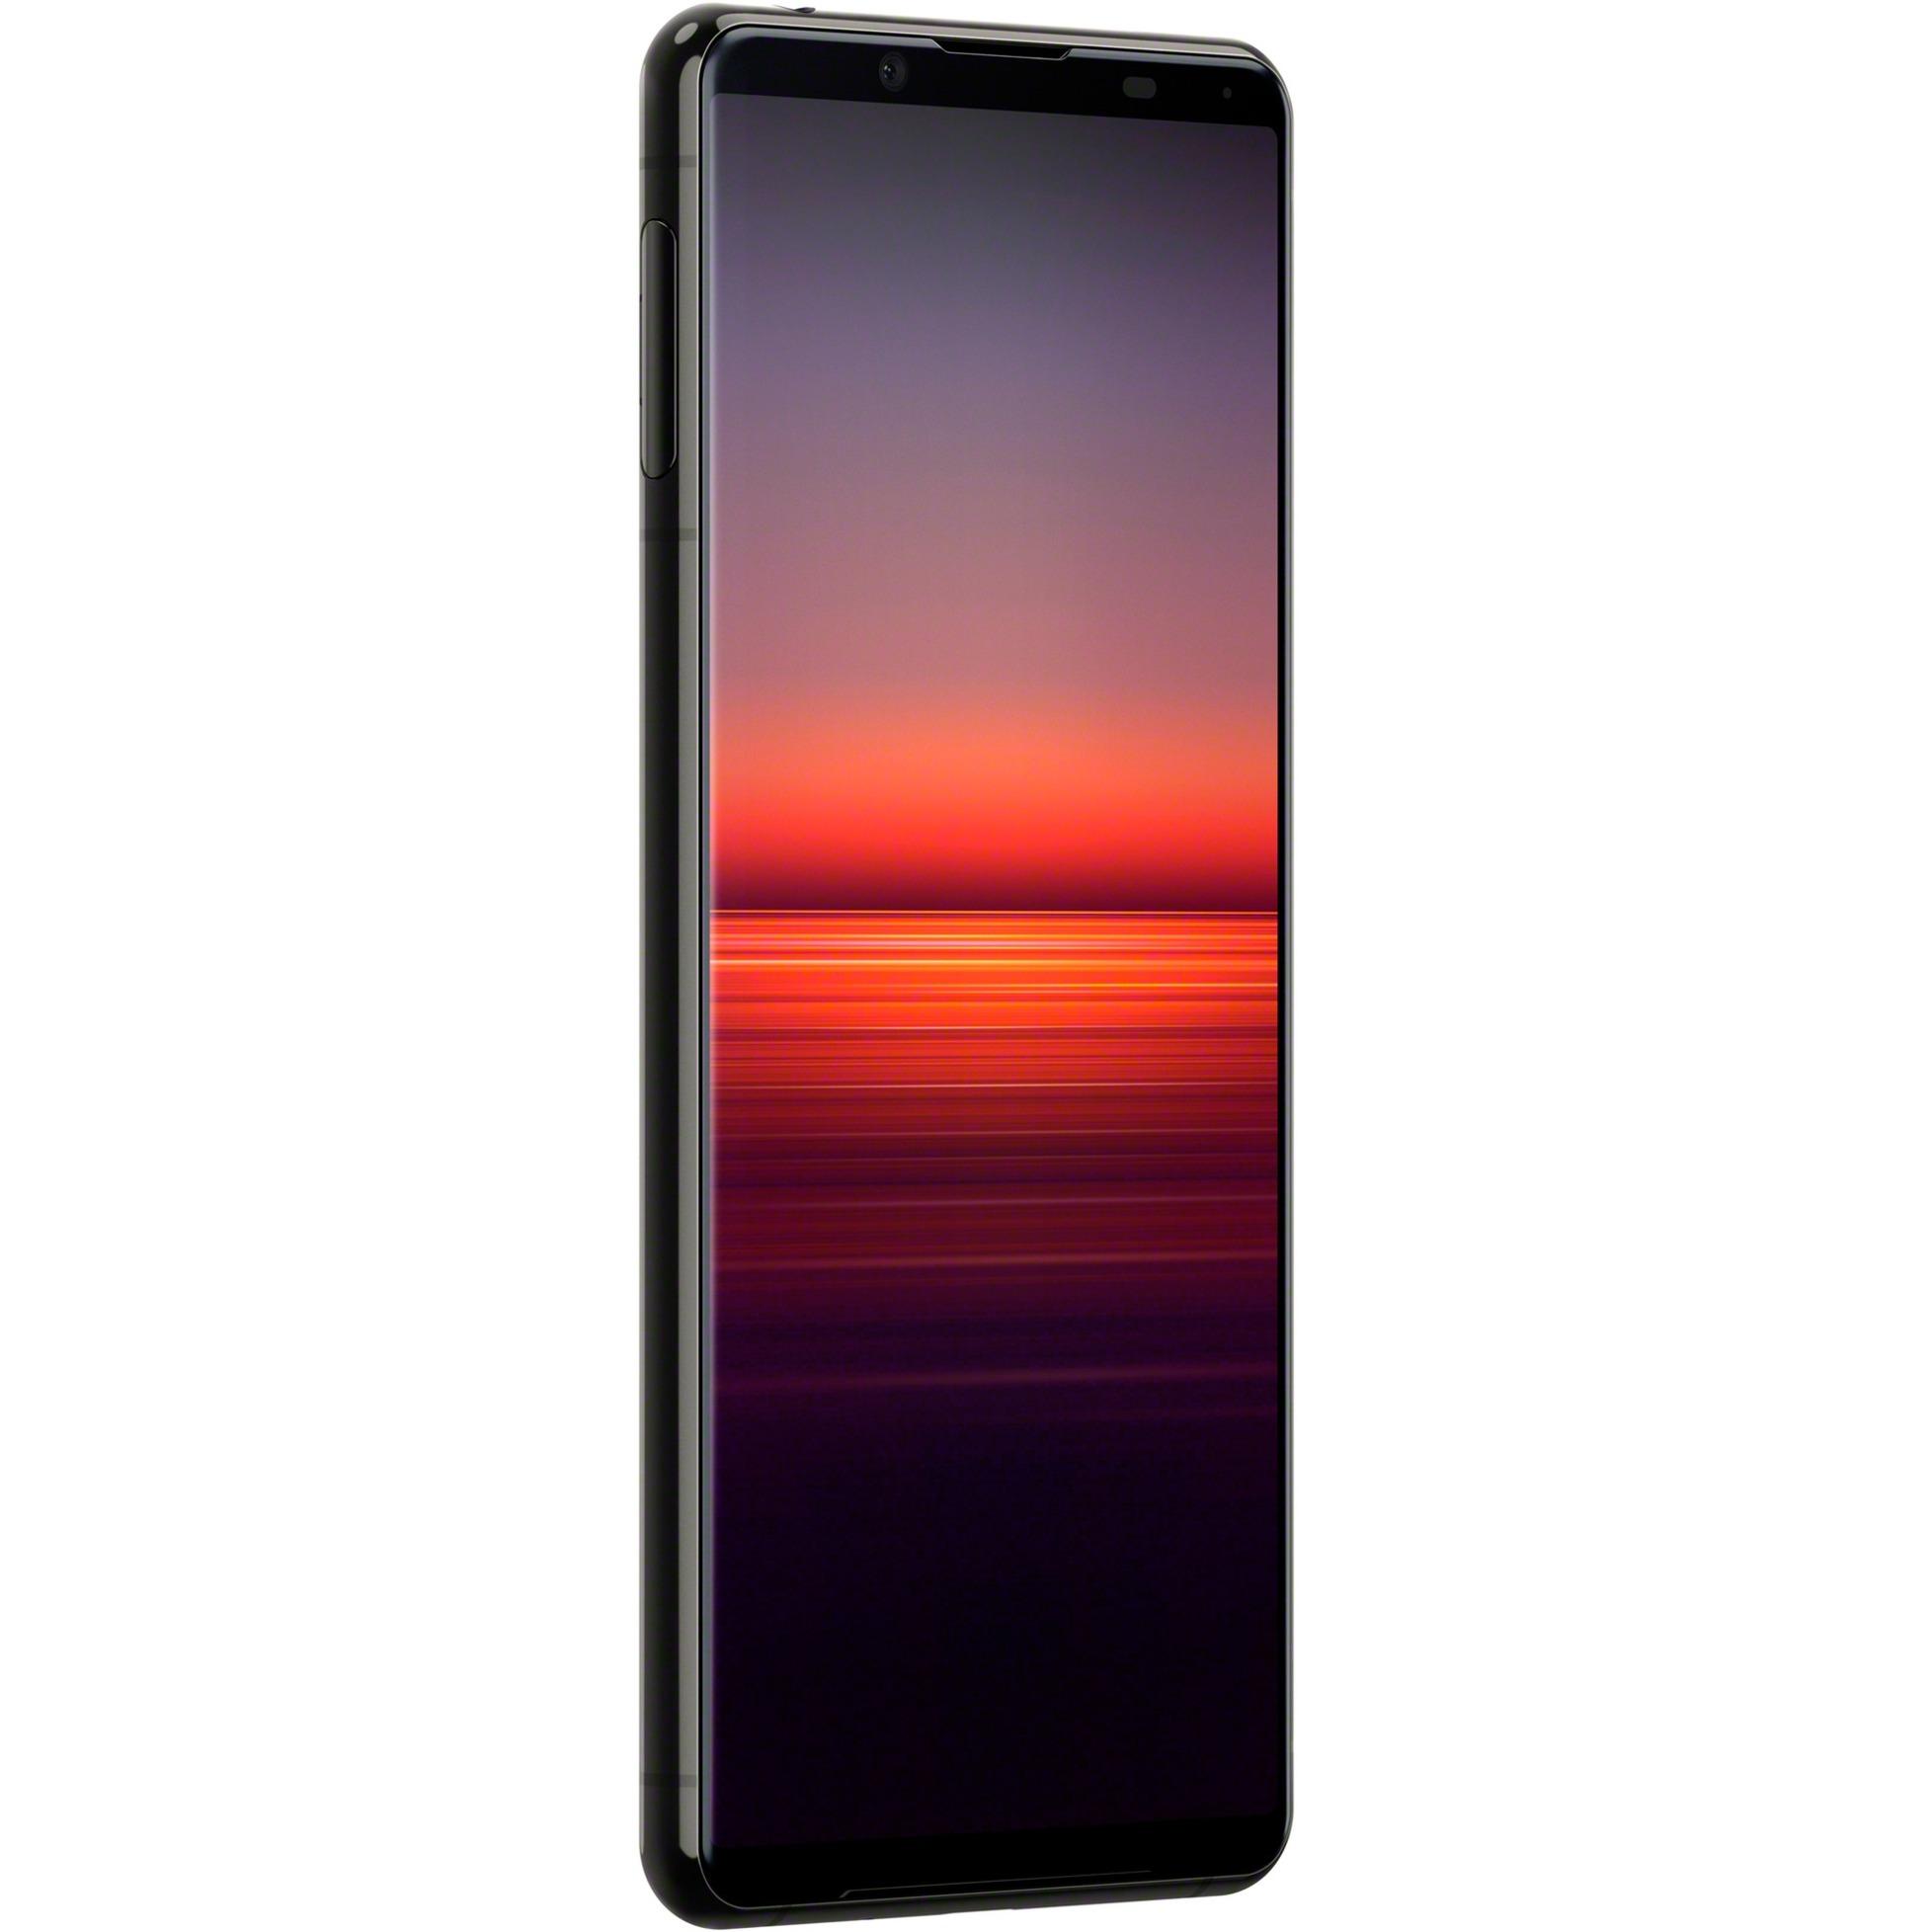 sony xperia 5 ii 15,5 cm (6.1) dual sim ibrida android 10.0 5g usb tipo-c 8 gb 128 gb 4000 mah , handy nero